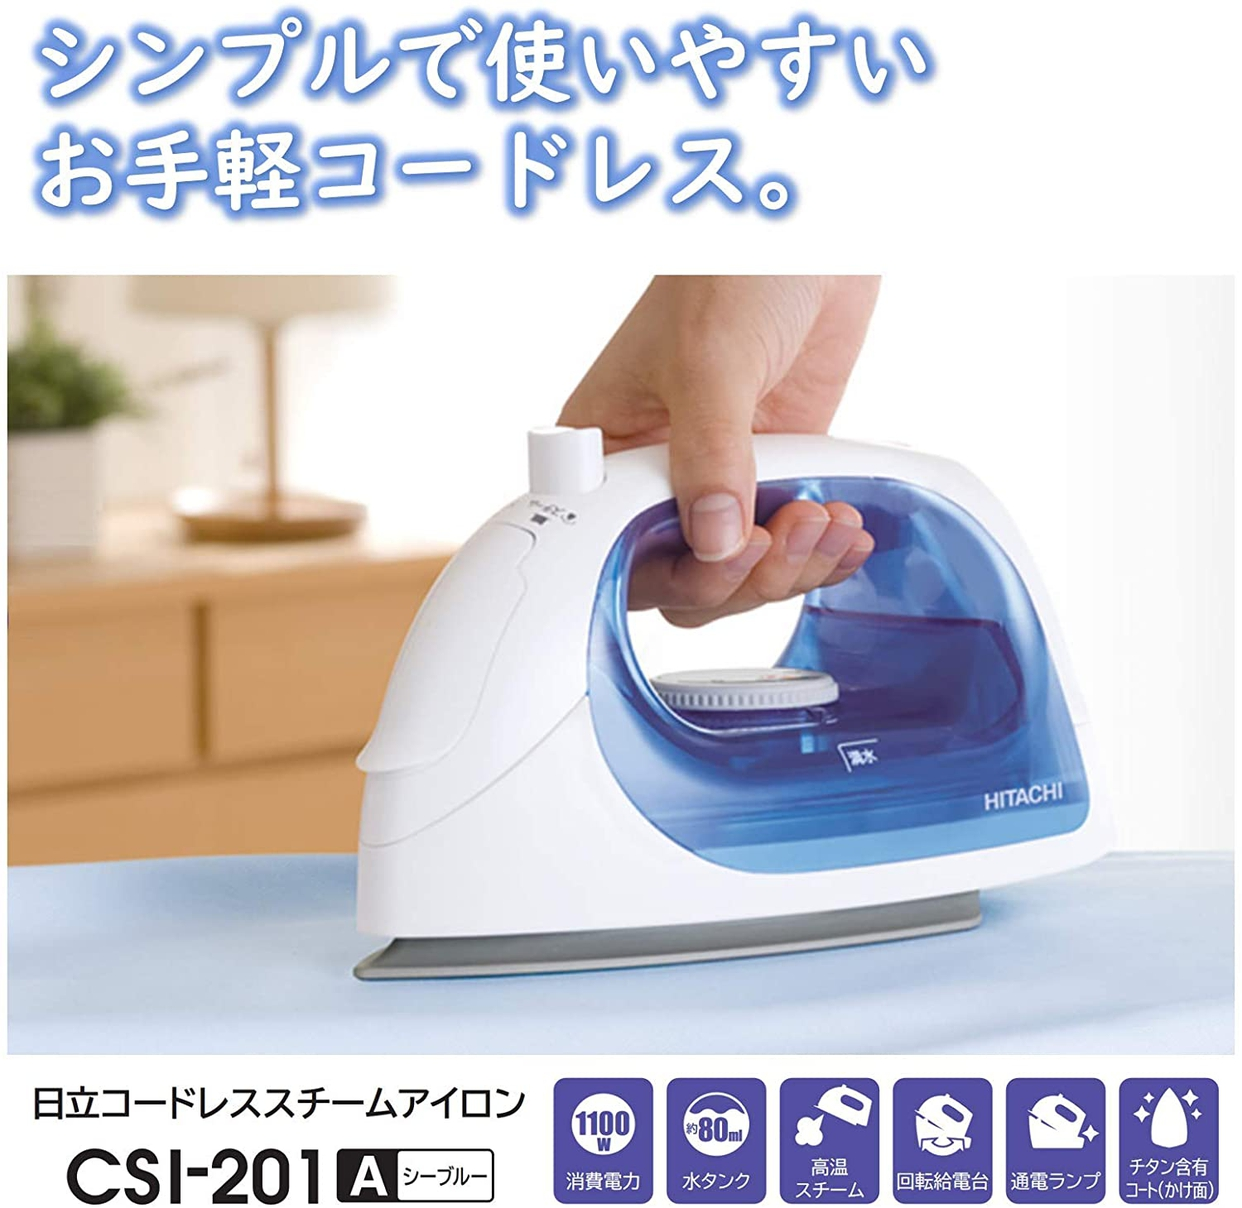 日立(HITACHI) コードレススチームアイロン CSI-201の商品画像3